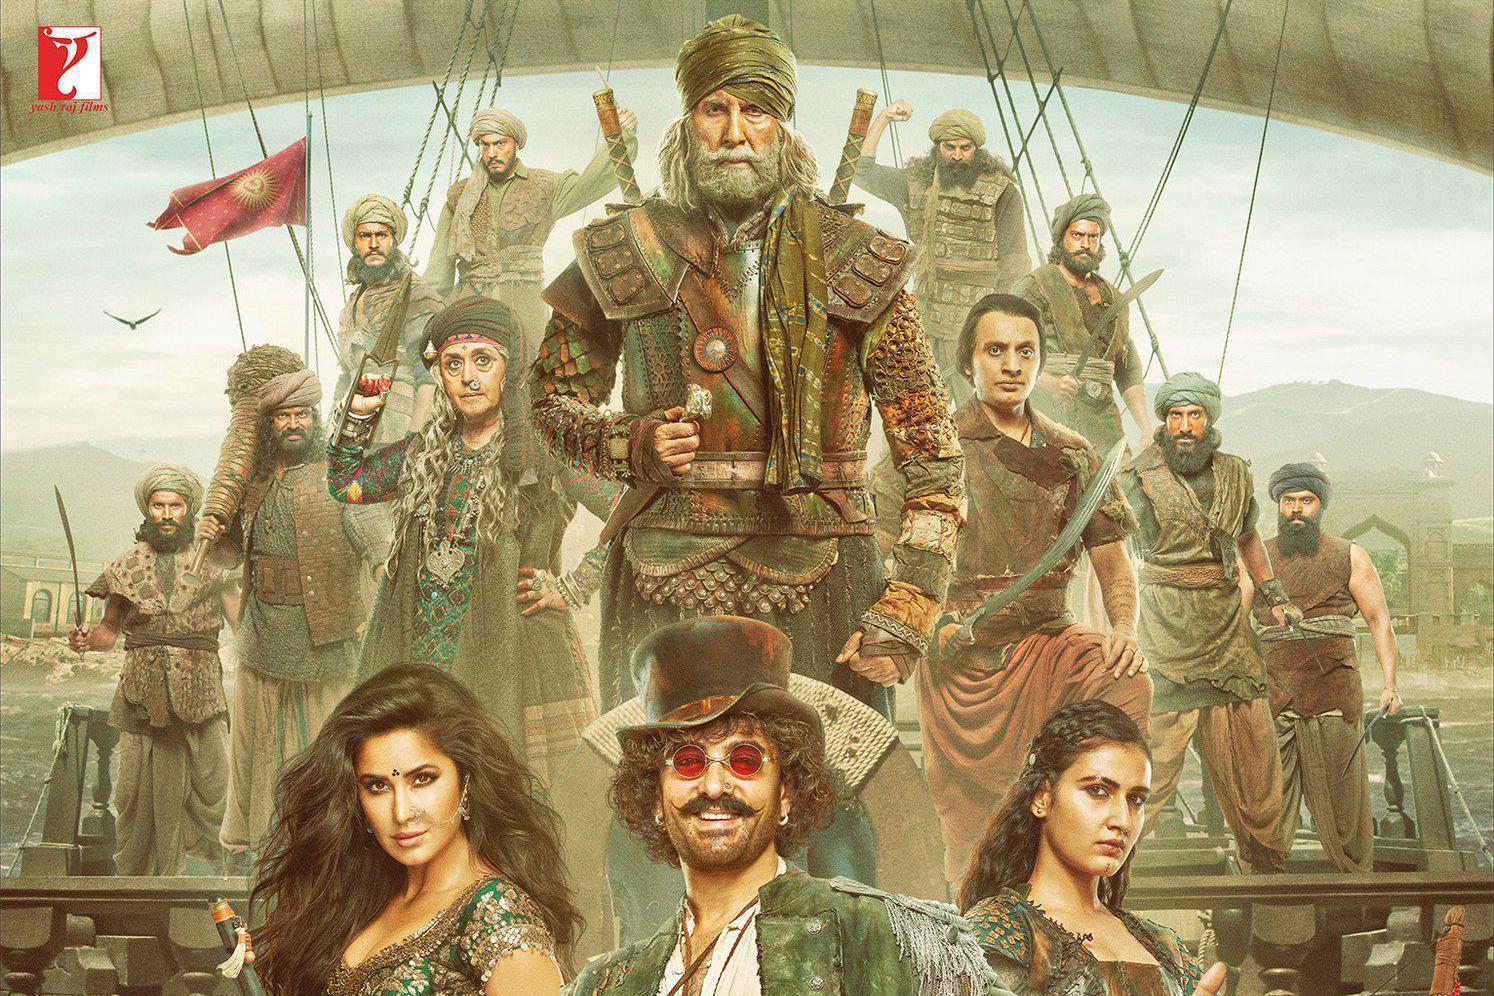 《印度暴徒》:只有不正经的人才能拯救世界